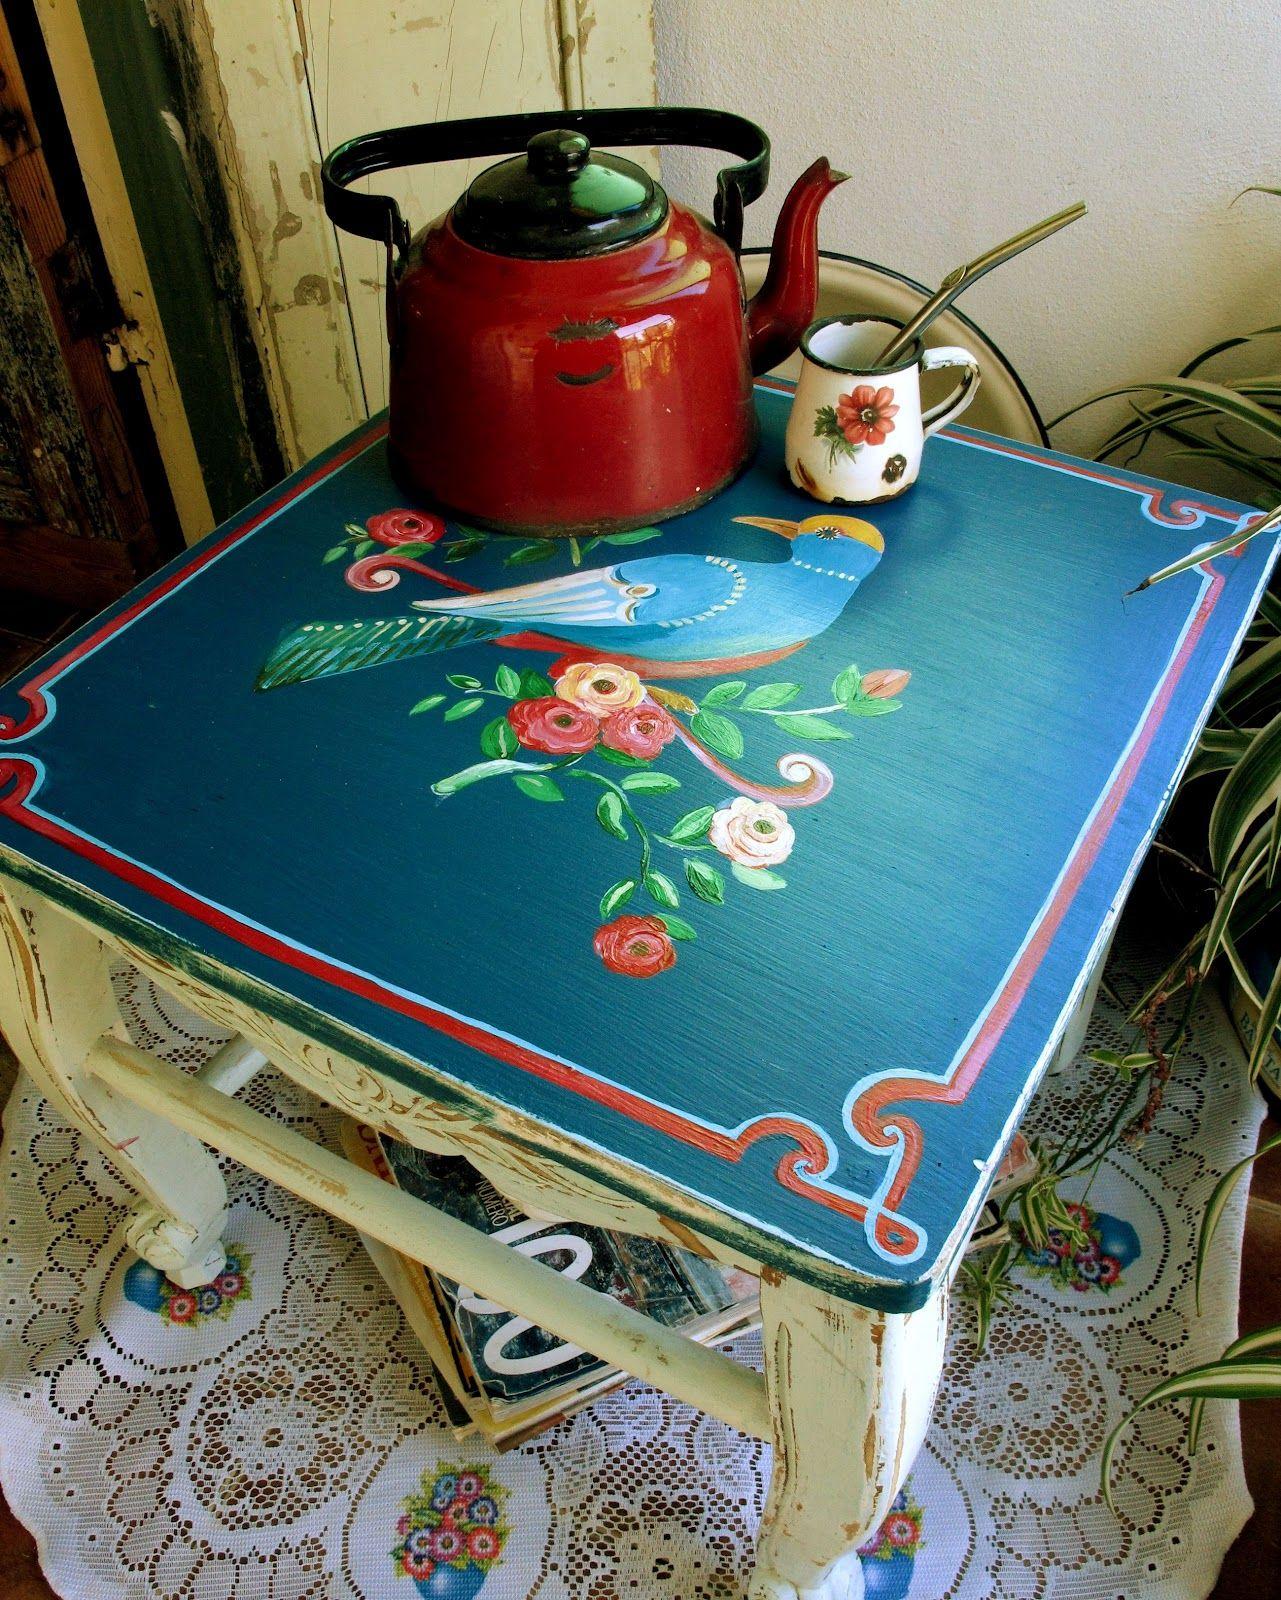 Las vidalas muebles restaurados y pintados las vidalas - Muebles restaurados vintage ...